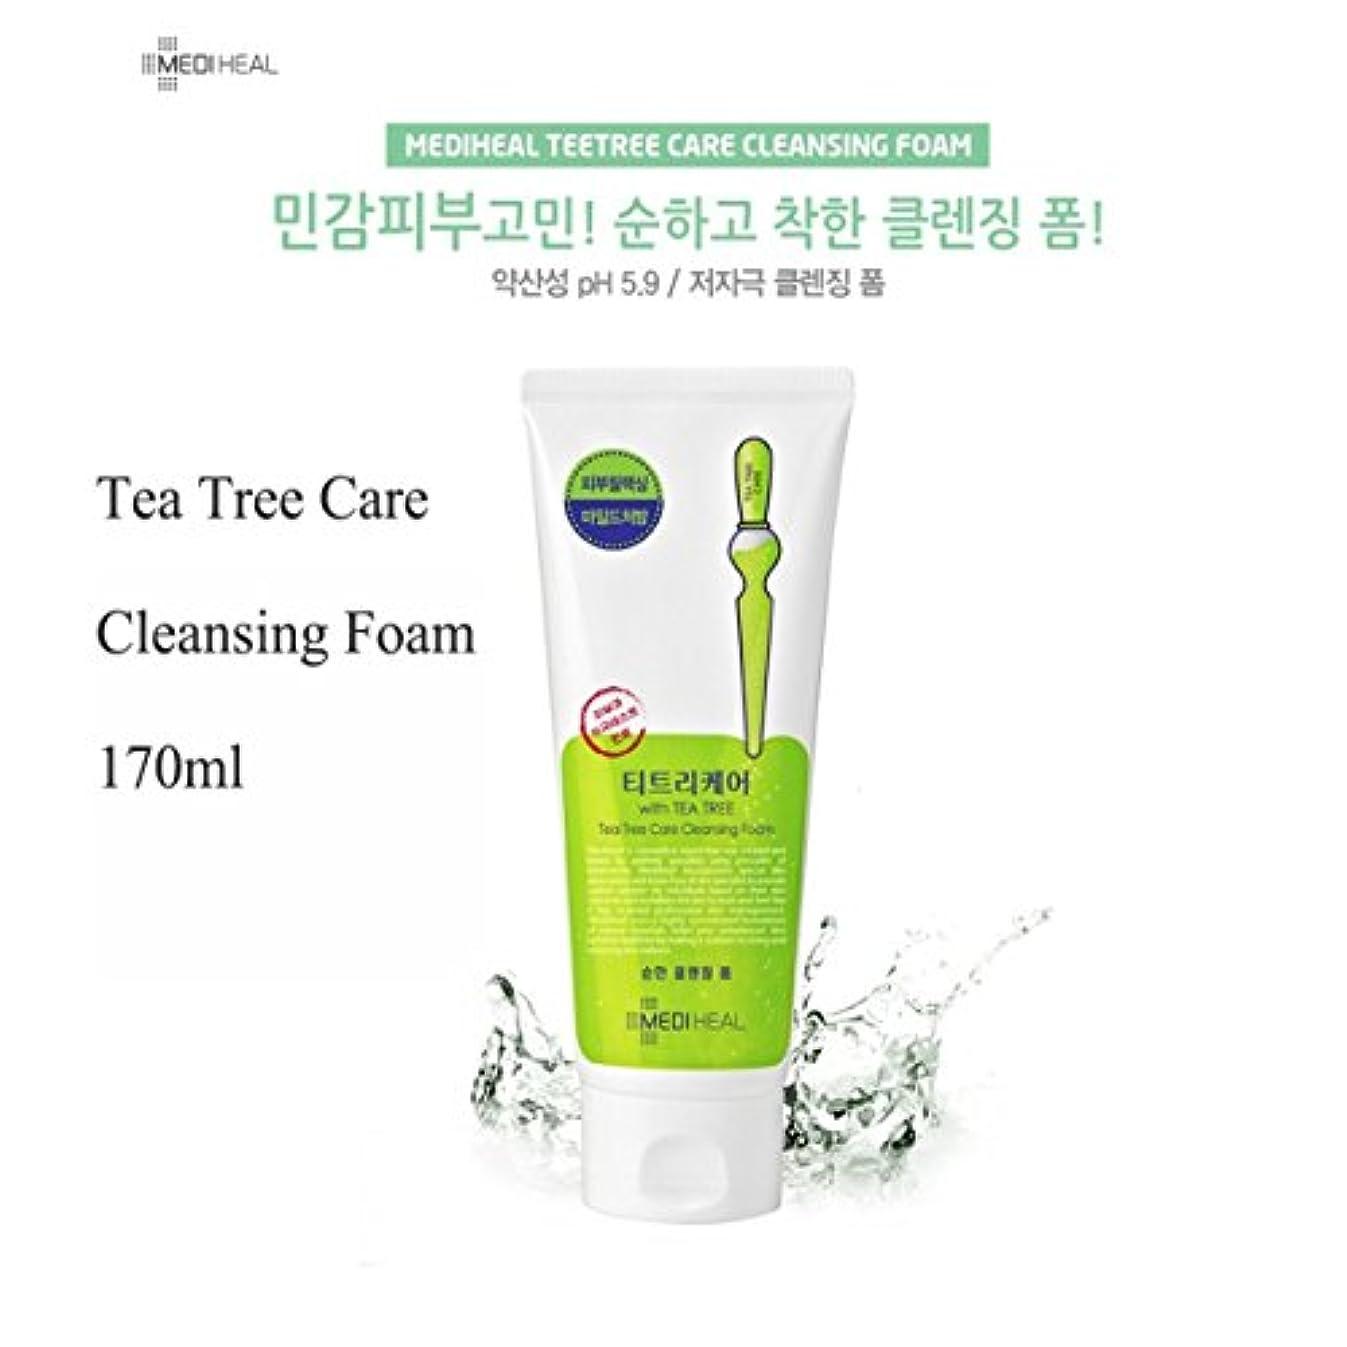 センサー毒性鯨MEDIHEAL Tea Tree Foam Cleansing 170ml/メディヒール ティー ツリー フォーム クレンジング 170ml